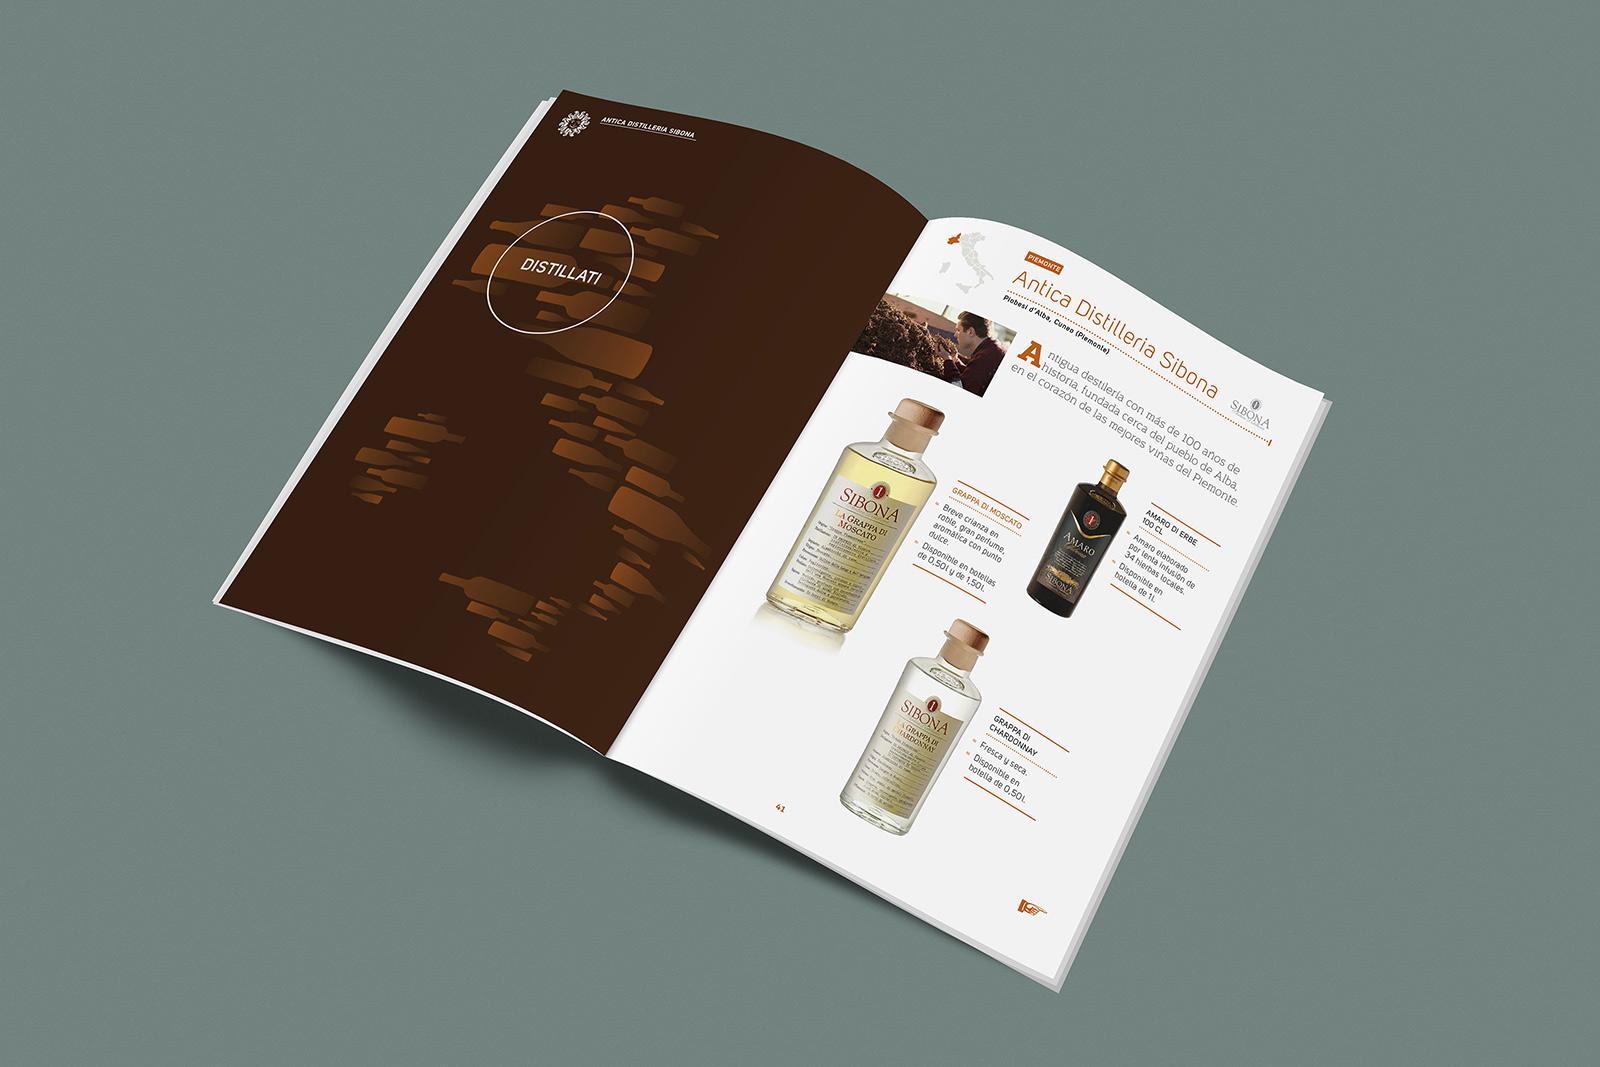 catalogue-enoteca-spread-11